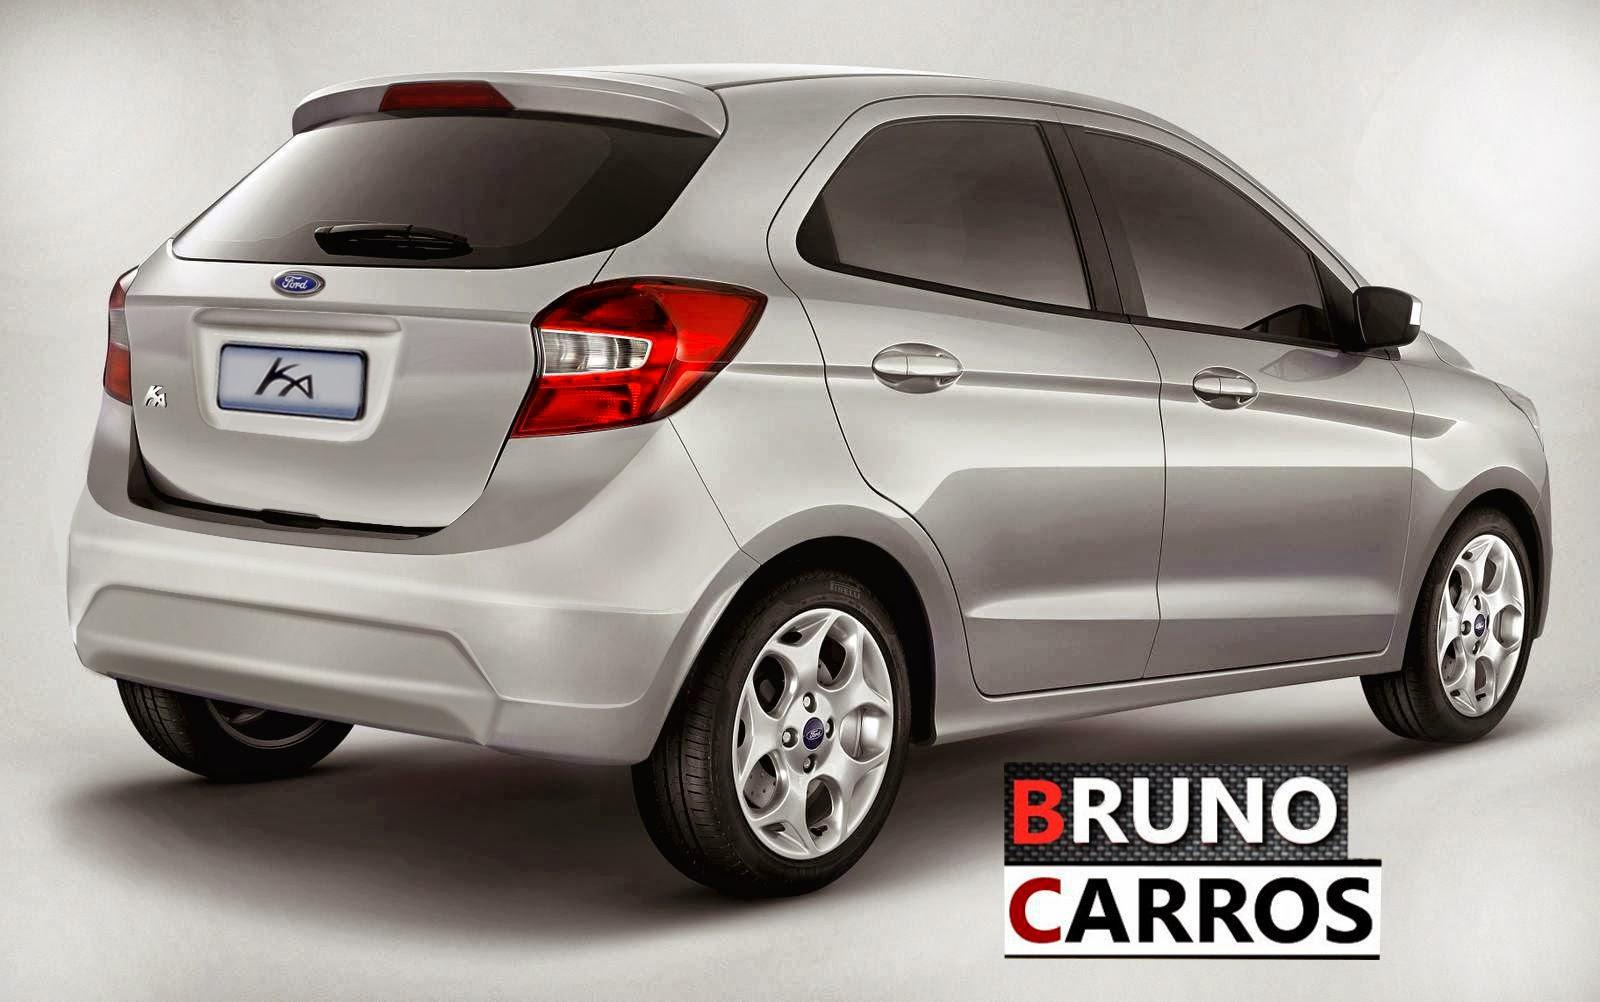 novo-ka-2013-2014-2014-novo-ford-ka-ká-preço-figo-small-compacto